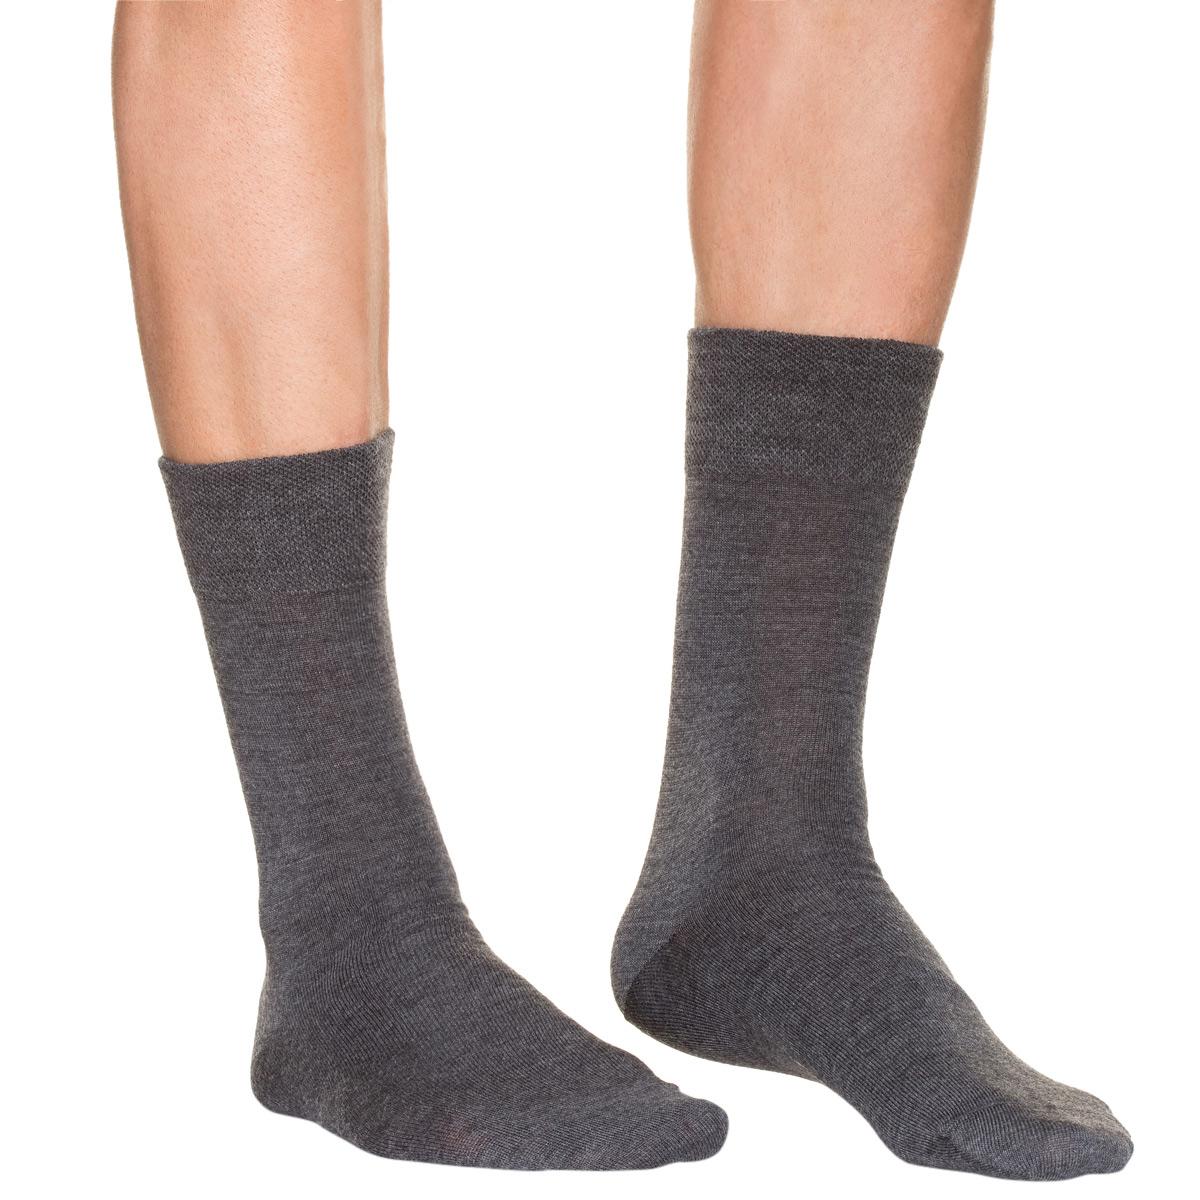 Mi-chaussettes en laine - D - Modalova